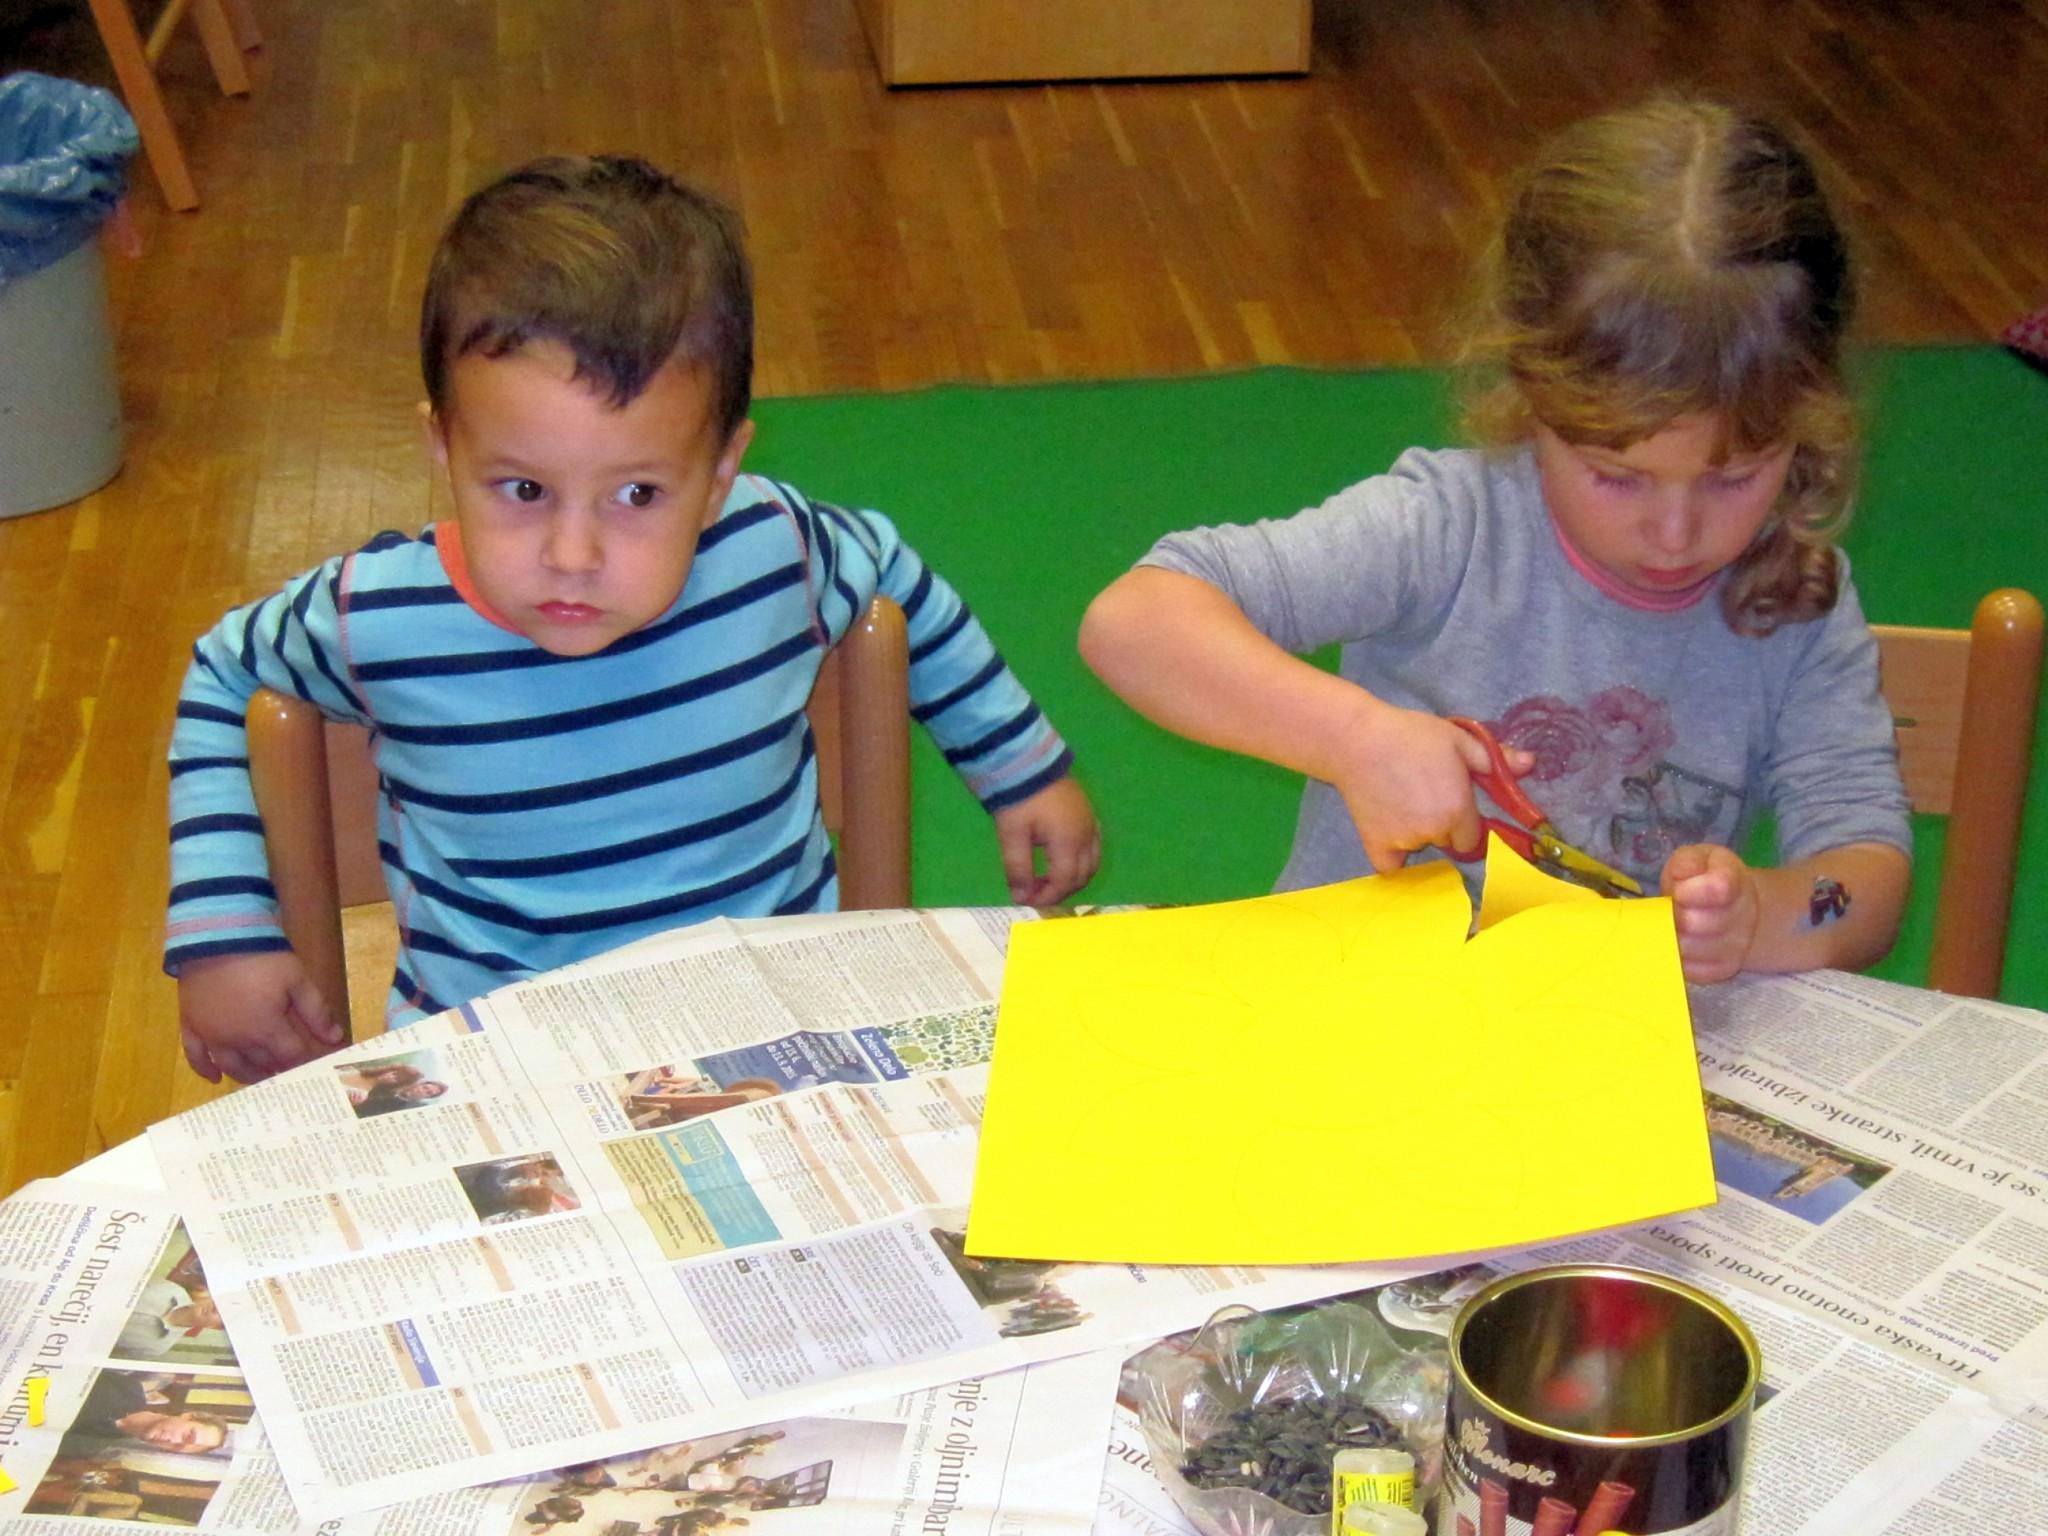 IMG 2294 - Pravljična urica z ustvarjalno delavnico za otroke od 4. leta dalje